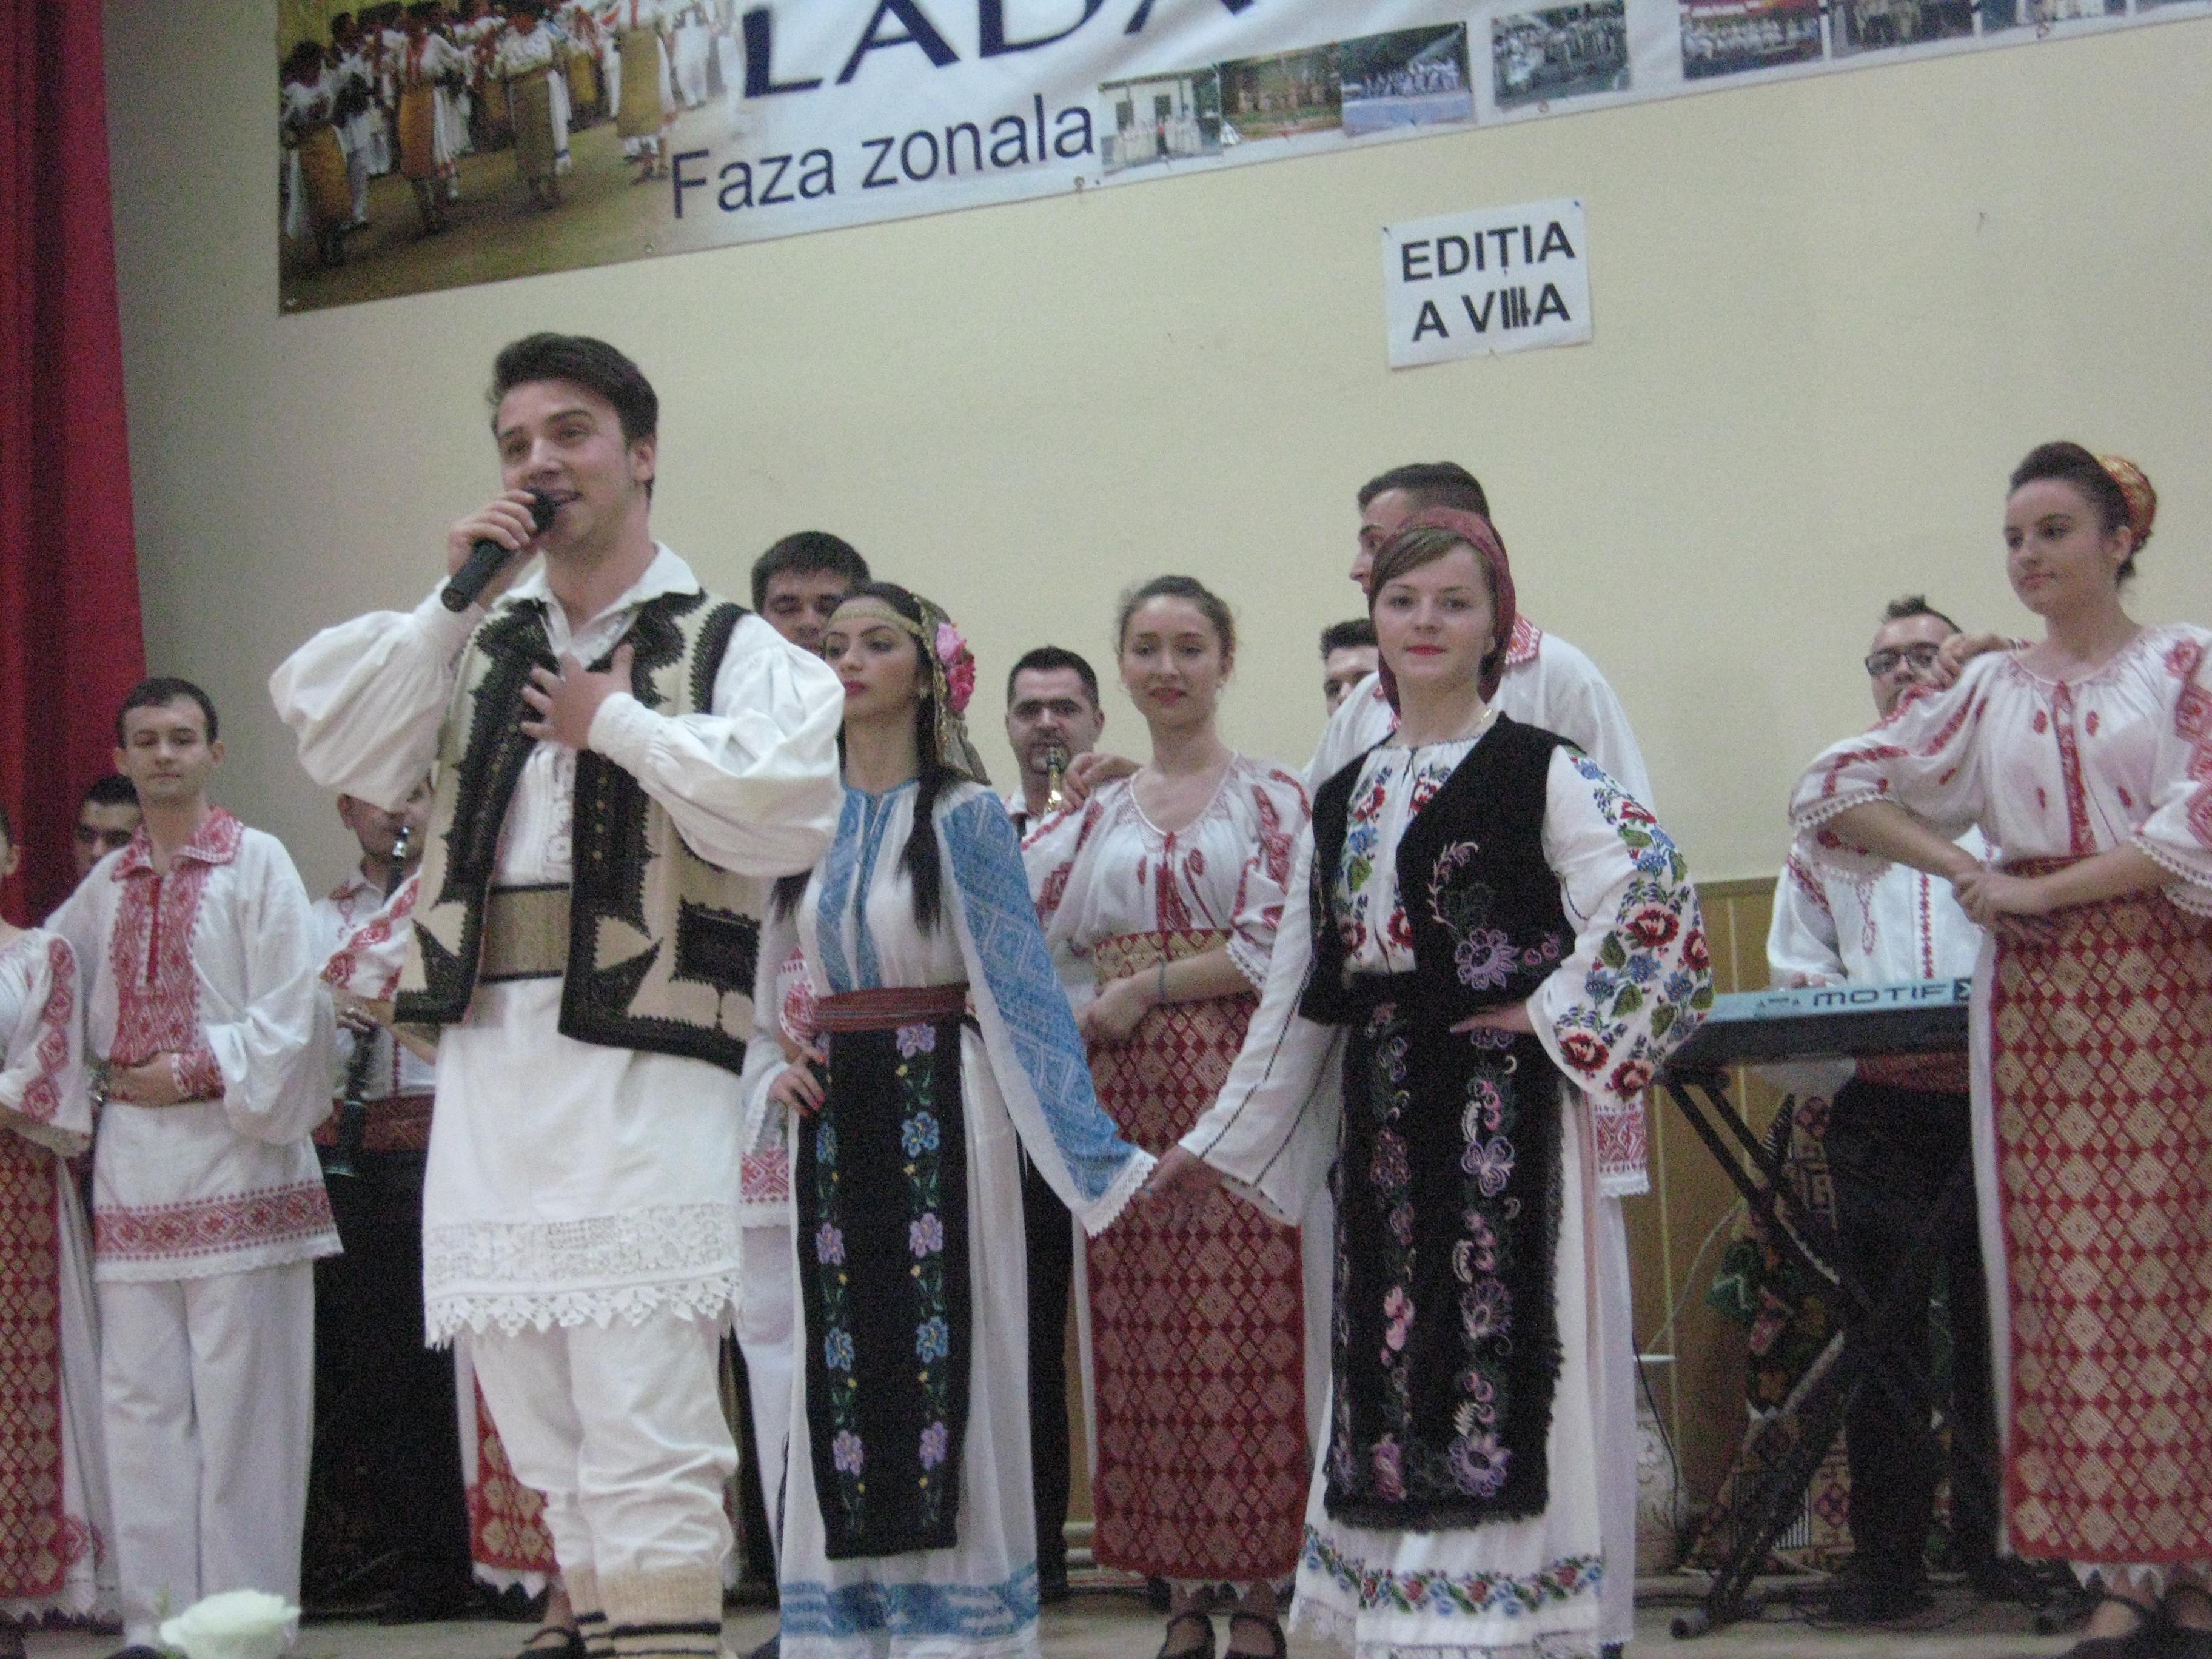 Lada cu Zestre, Costeiu, 9 martie 2014, Sectiunea  muzicala